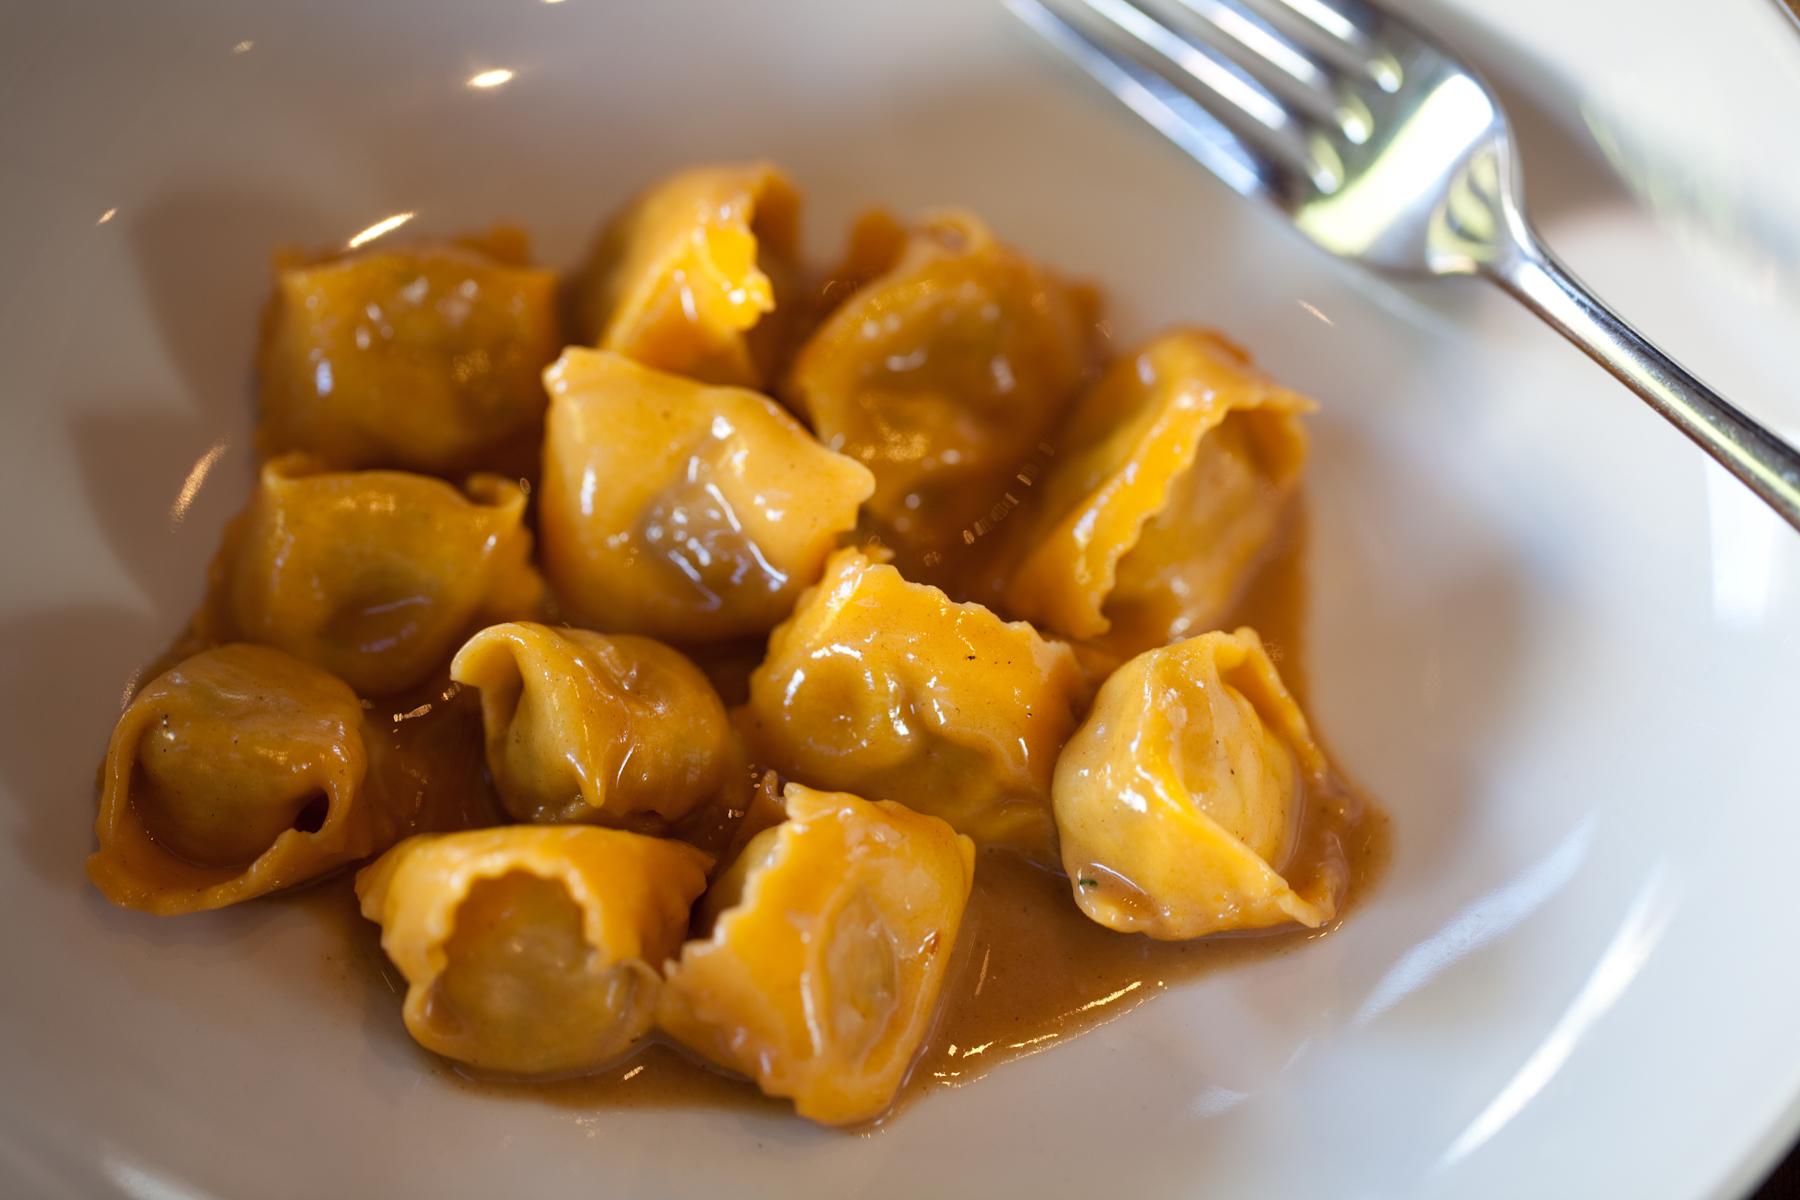 The famous Ristobar plin piemontesi.